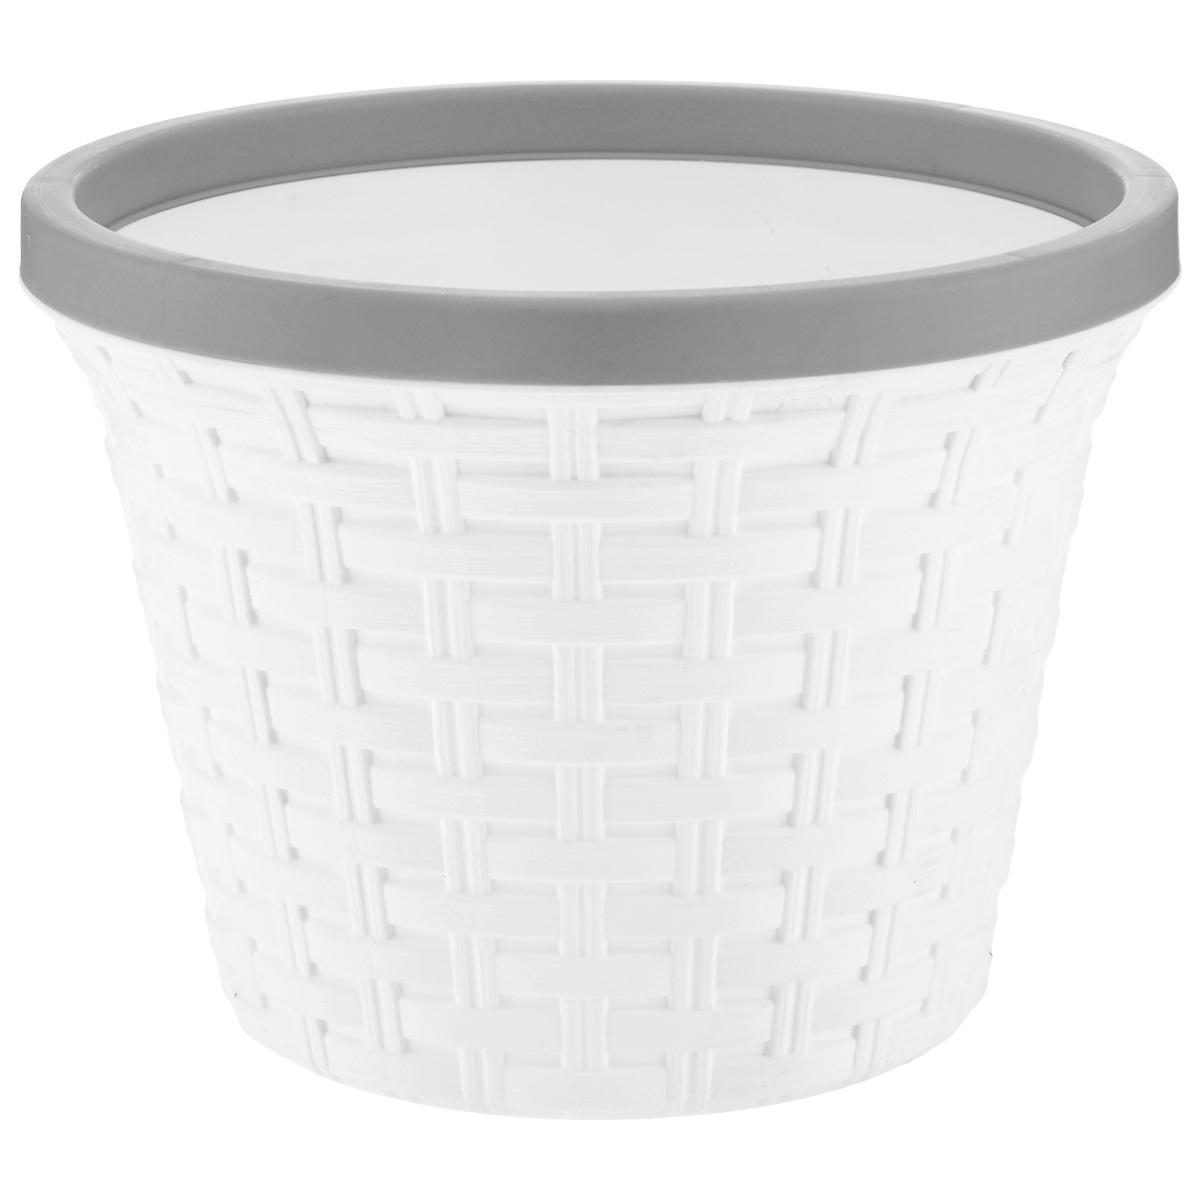 Кашпо круглое Violet Ротанг, с дренажной системой, цвет: белый, 3,4 лZ-0307Круглое кашпо Violet Ротанг изготовлено из высококачественного пластика и оснащено дренажной системой для быстрого отведения избытка воды при поливе. Изделие прекрасно подходит для выращивания растений и цветов в домашних условиях. Лаконичный дизайн впишется в интерьер любого помещения.Объем: 3,4 л.